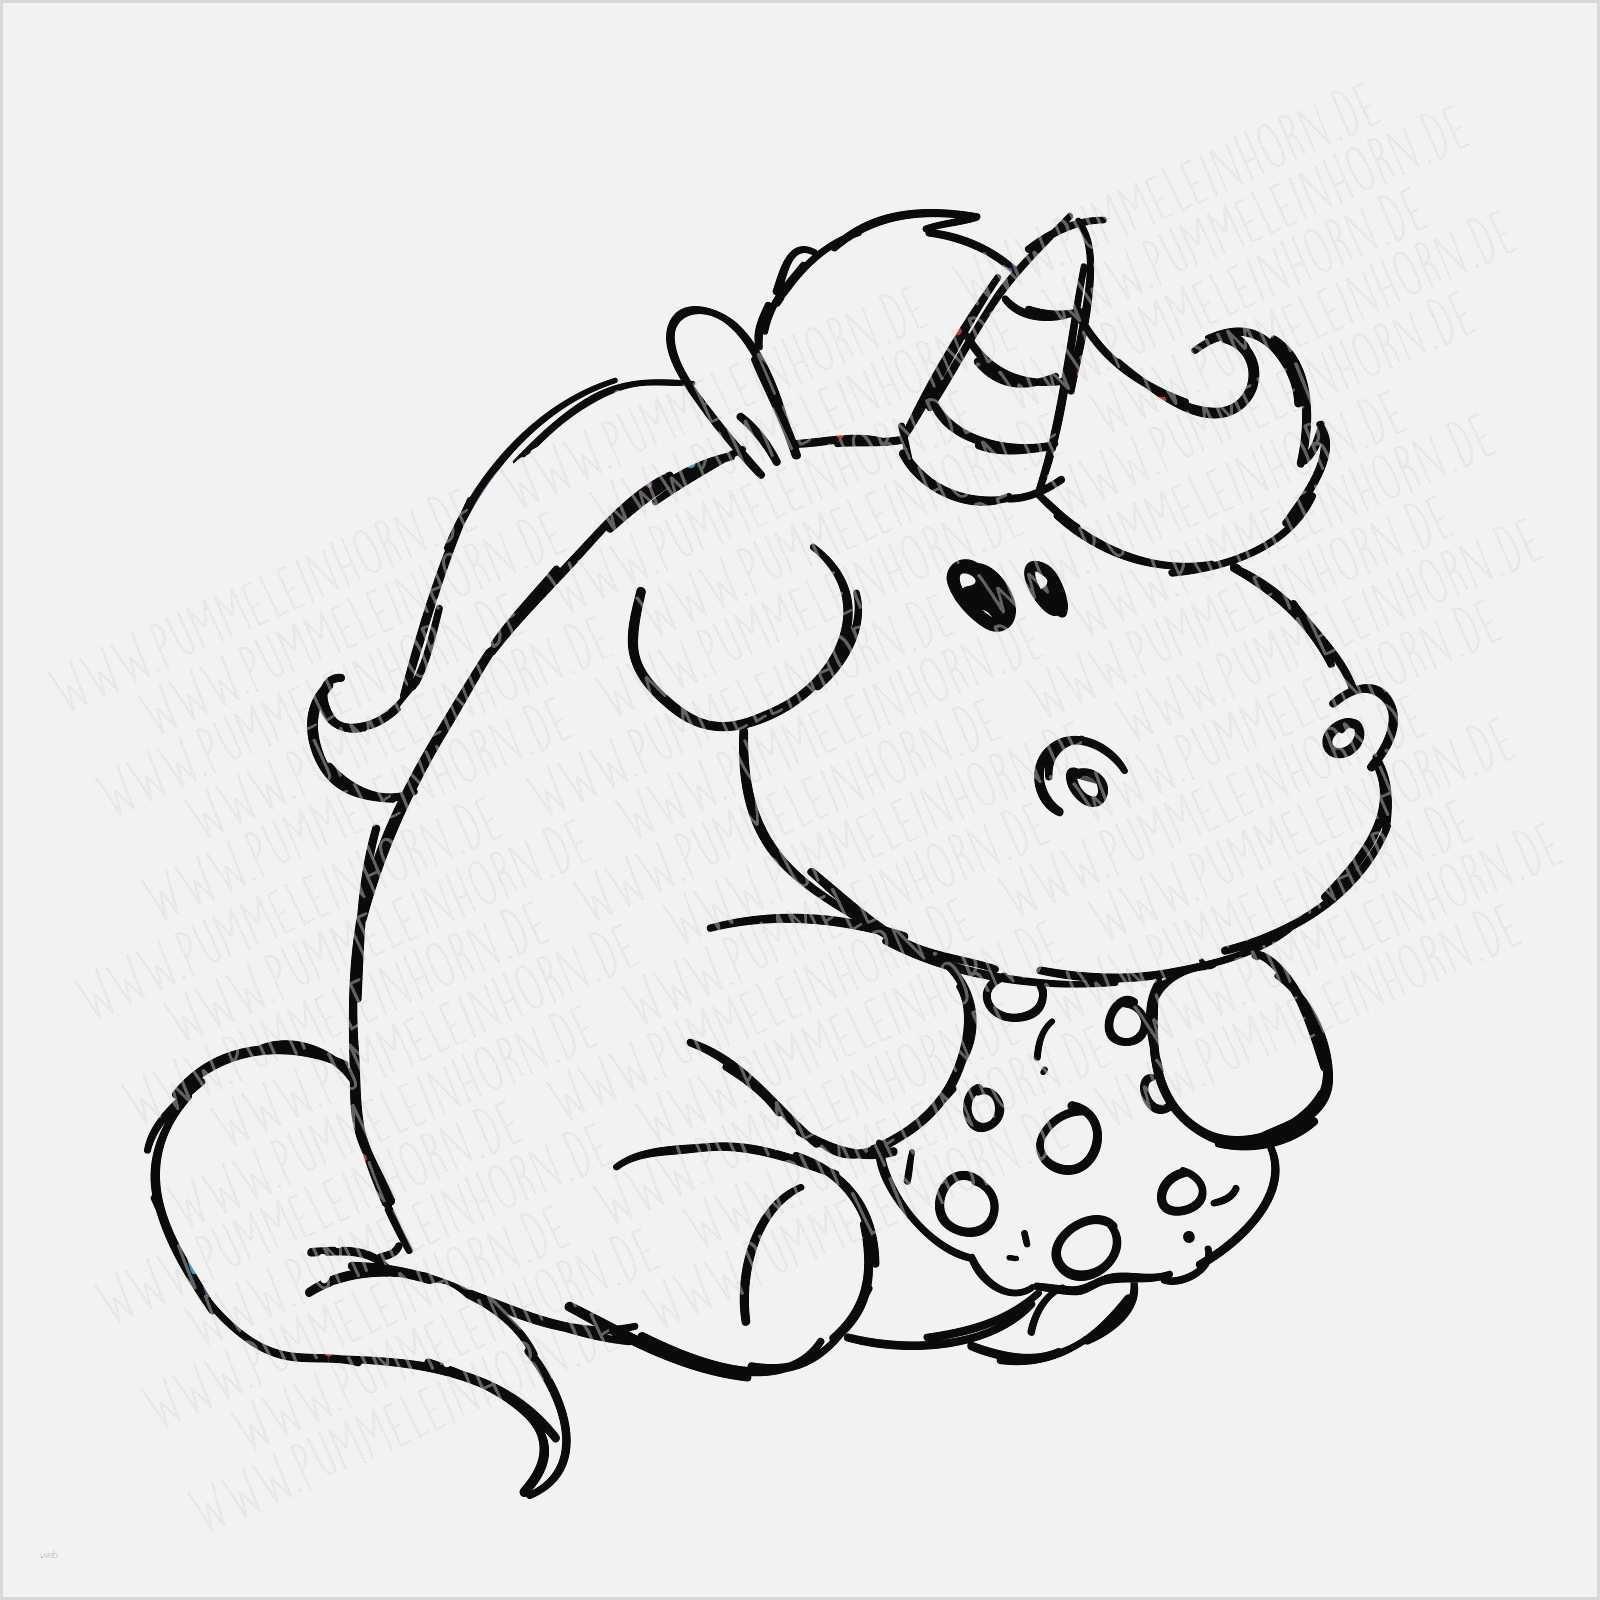 Bilder Zum Ausdrucken - Malvorlagen Für Kinder für Märchenbilder Zum Ausdrucken